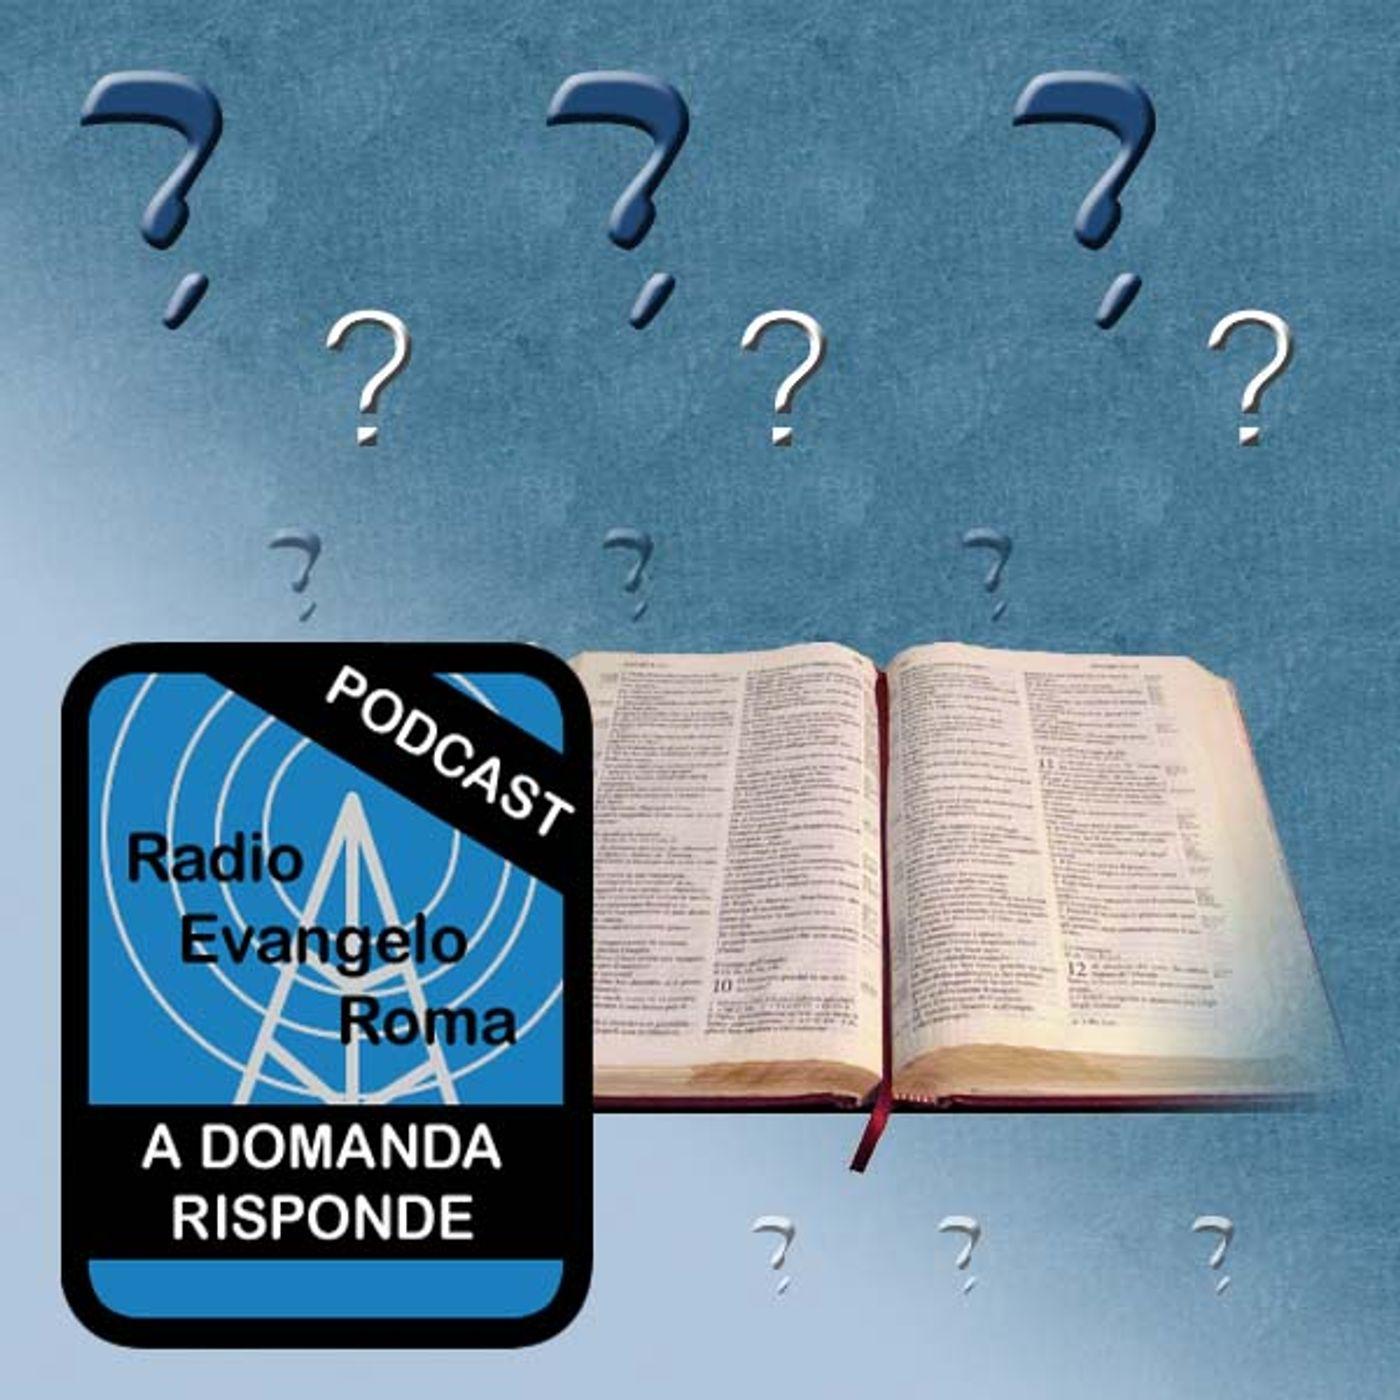 A DOMANDA RISPONDE